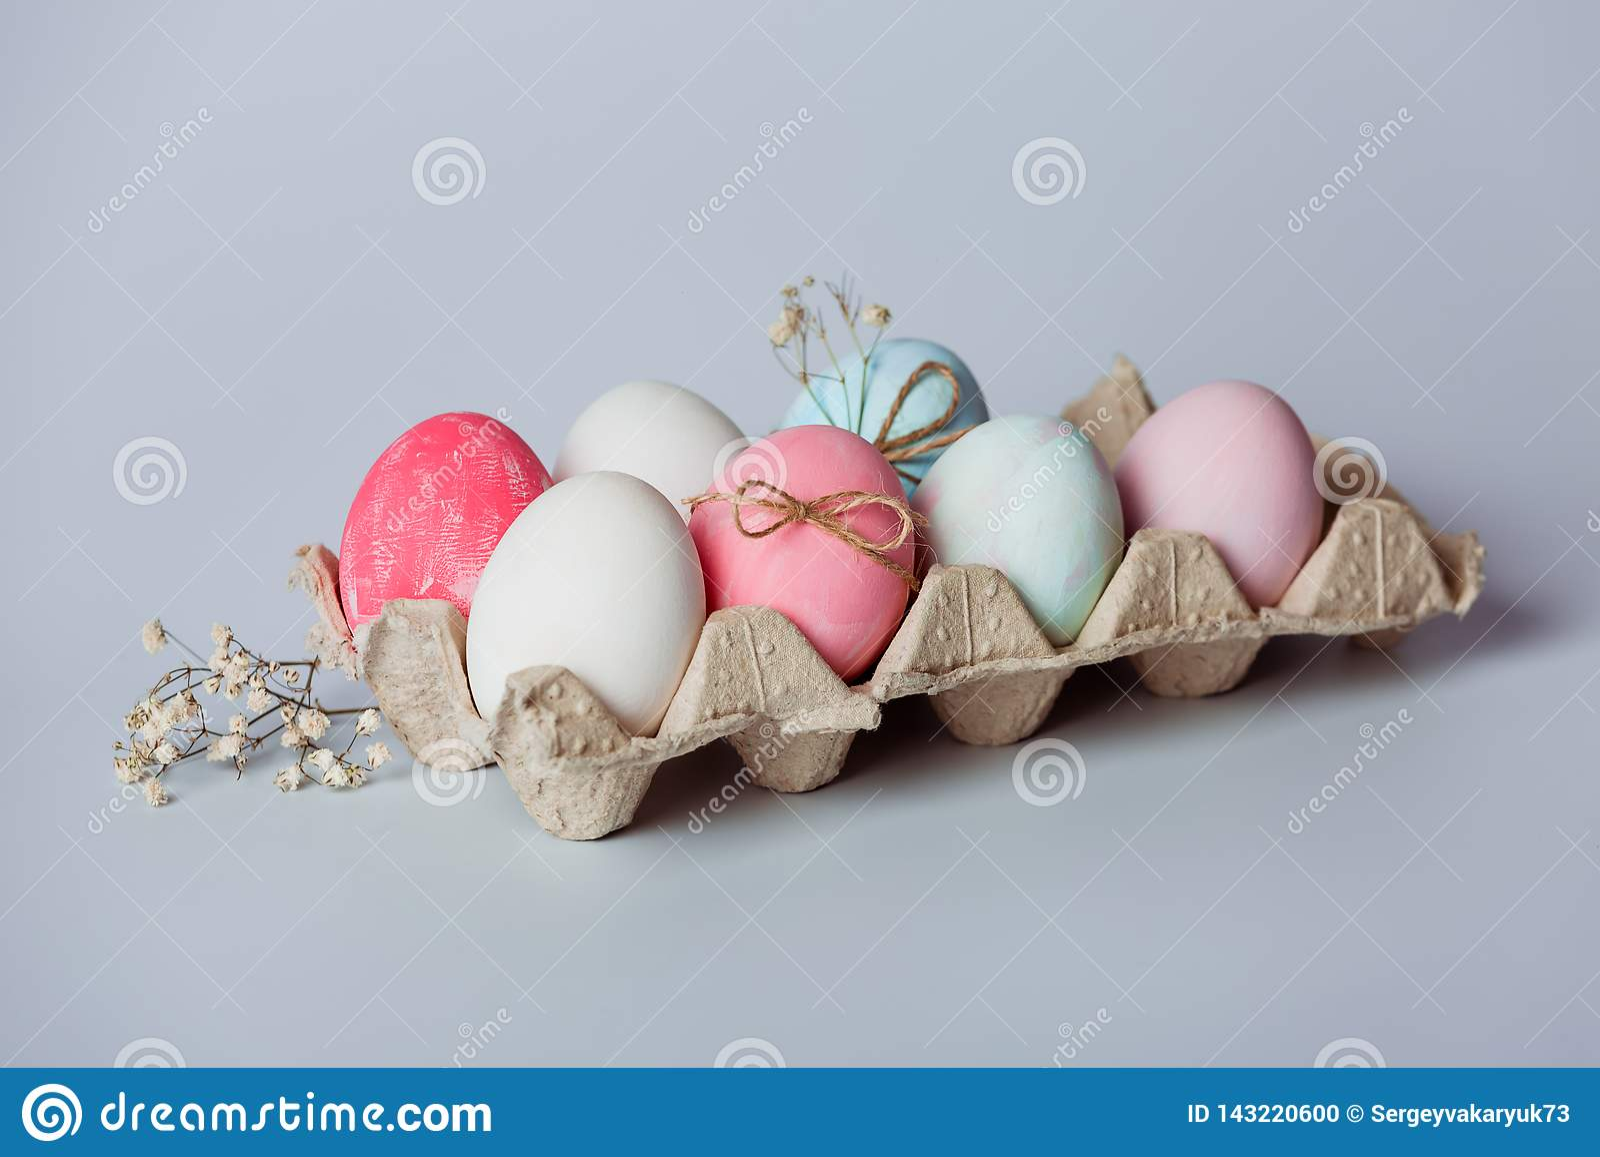 Het verfraaien van eieren Pasen komt spoedig